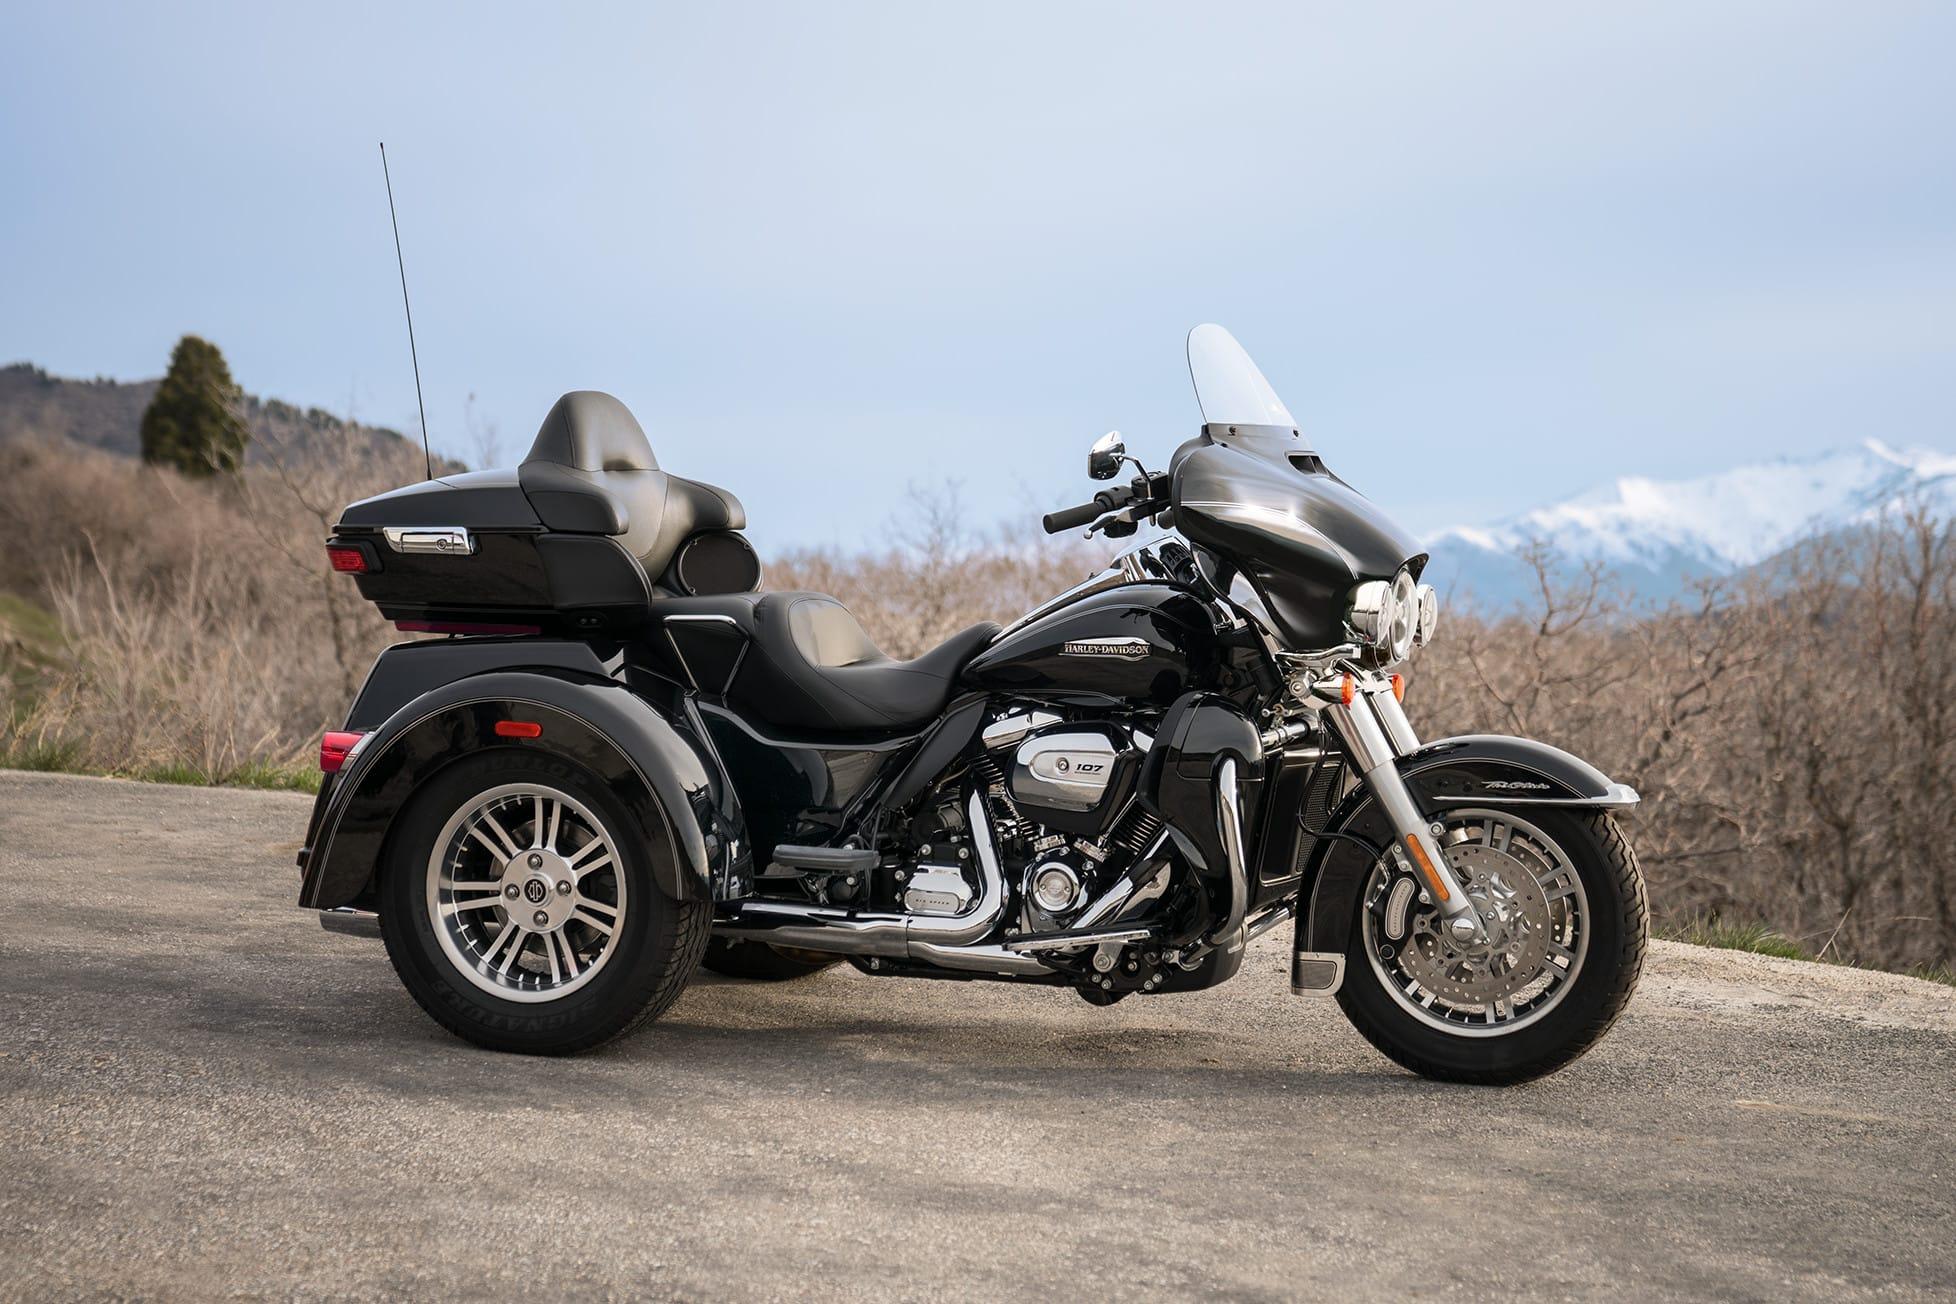 Tremendous 2014 Harley Tri Glide Trailer Wiring Harness Wiring Diagram Schematic Wiring 101 Orsalhahutechinfo